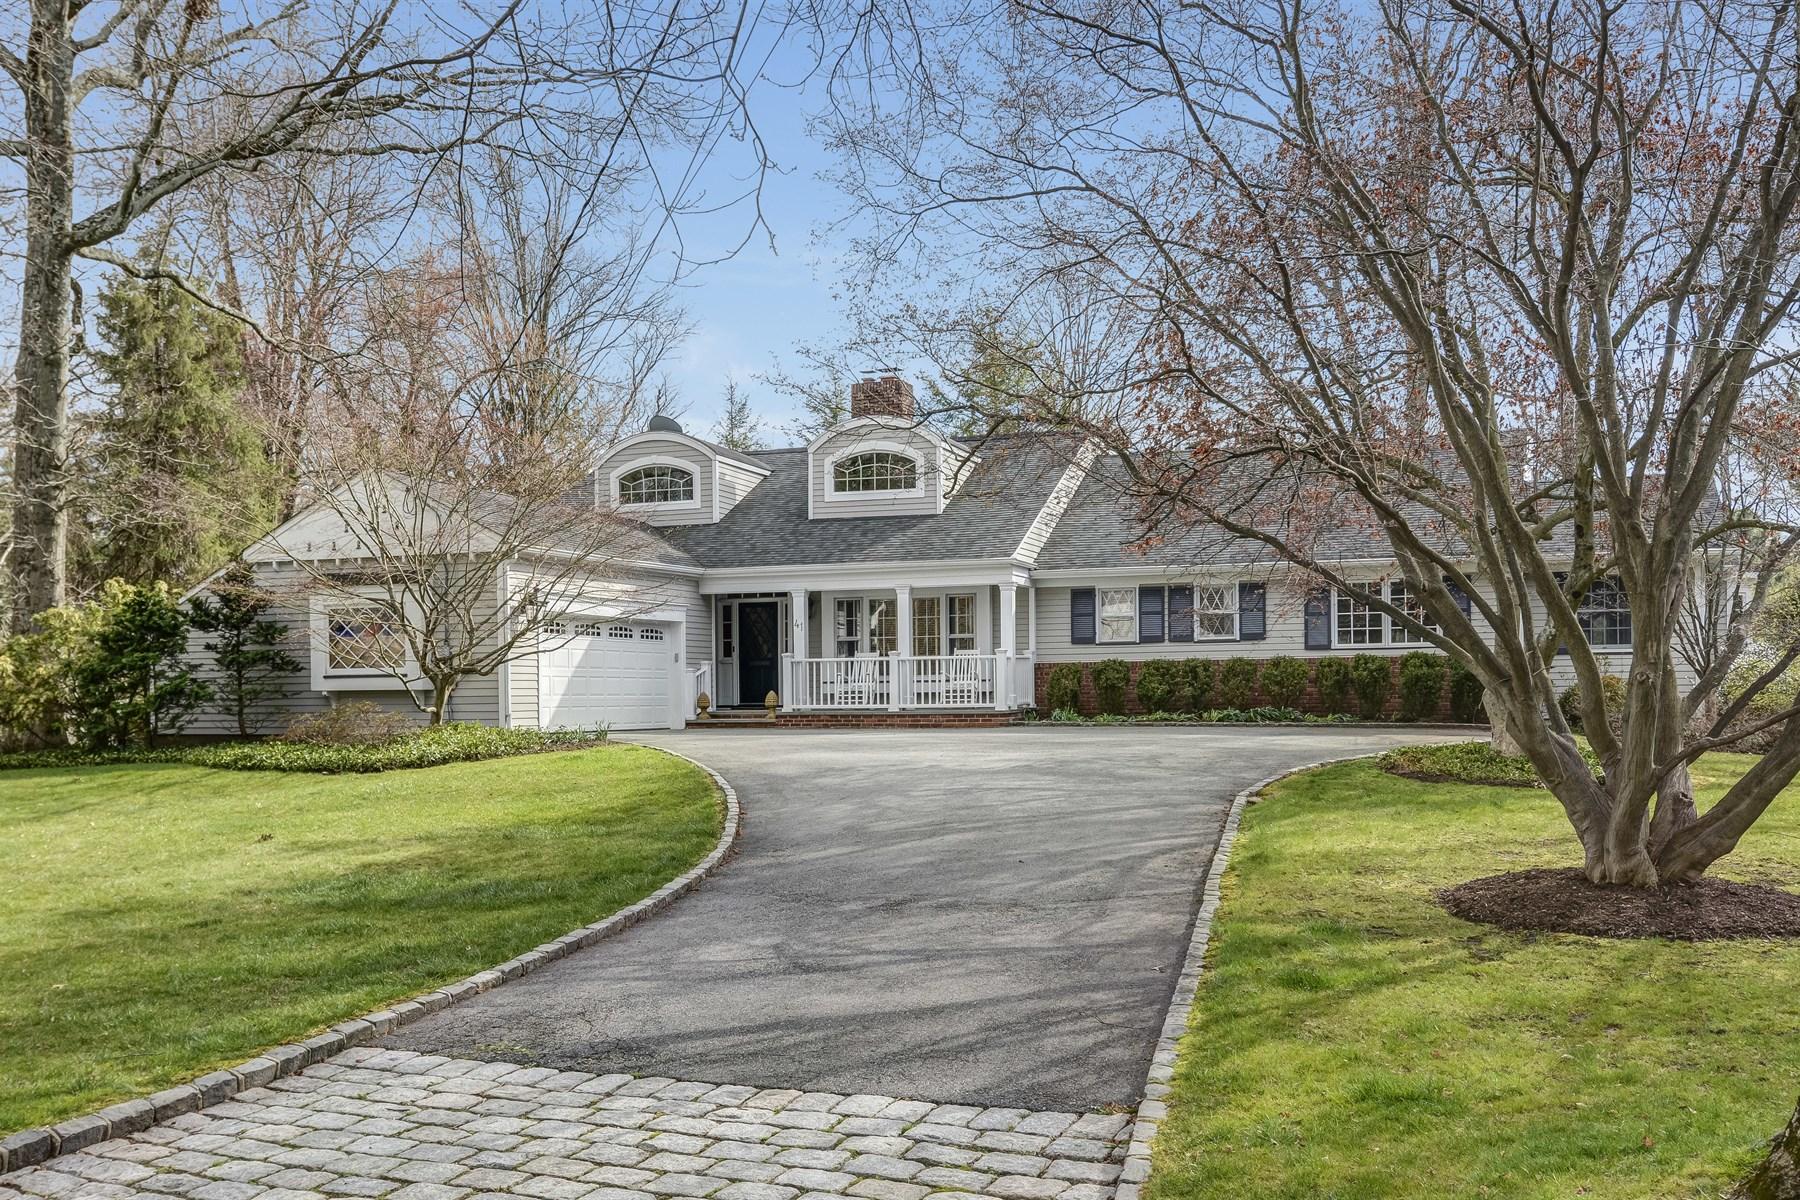 Maison unifamiliale pour l Vente à Stunning Custom Home 41 Winding Way Madison, New Jersey, 07940 États-Unis